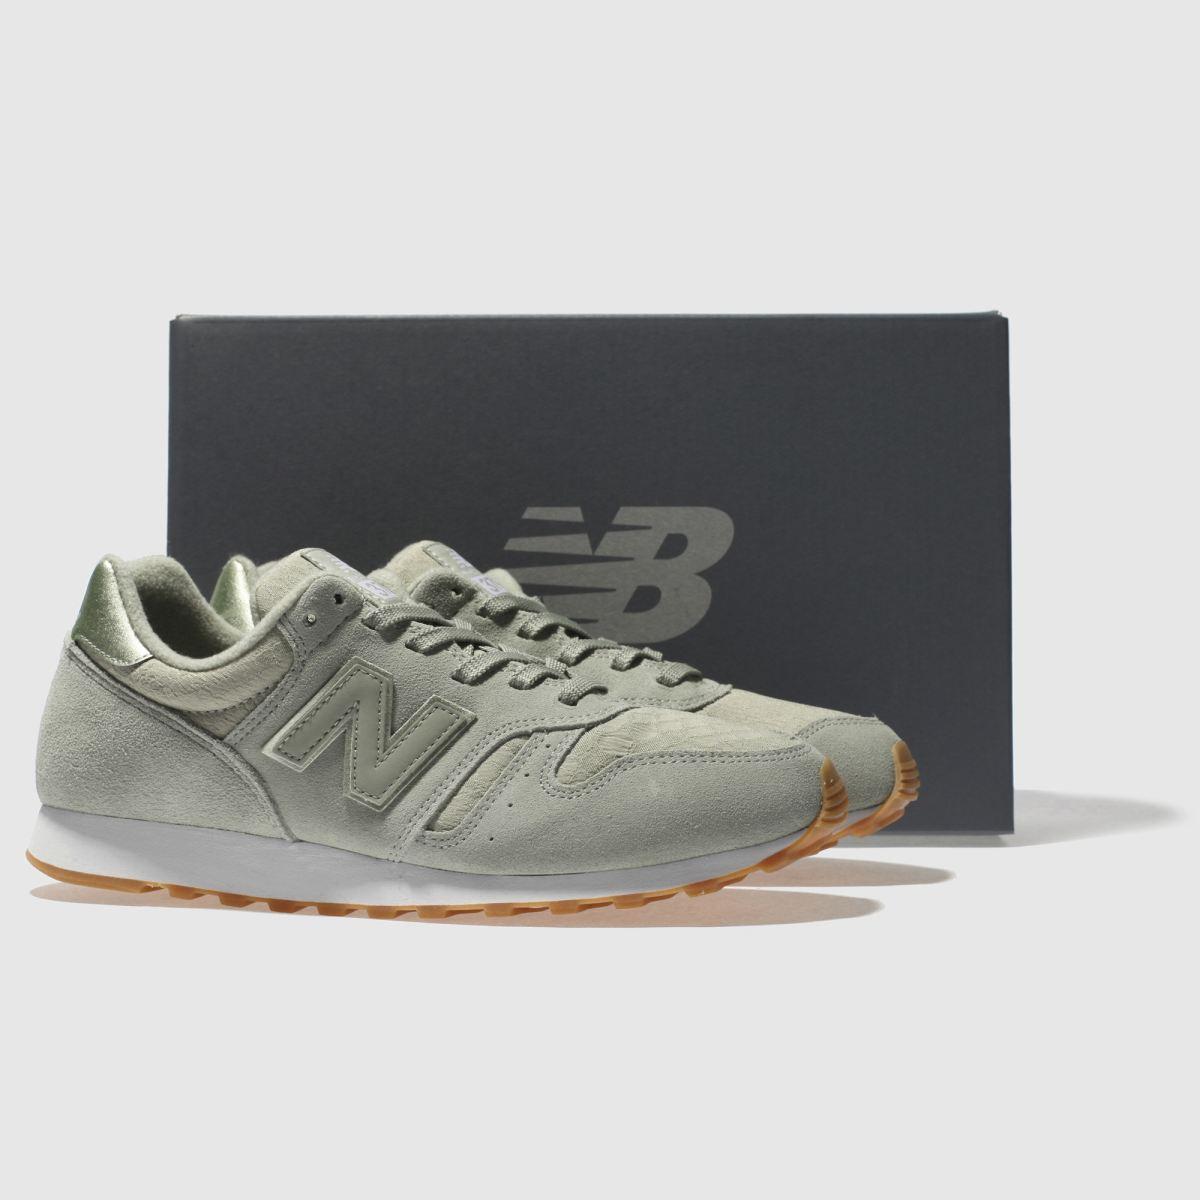 Damen Hellgrün Sneaker new balance 373 Suede Sneaker Hellgrün | schuh Gute Qualität beliebte Schuhe 59761f